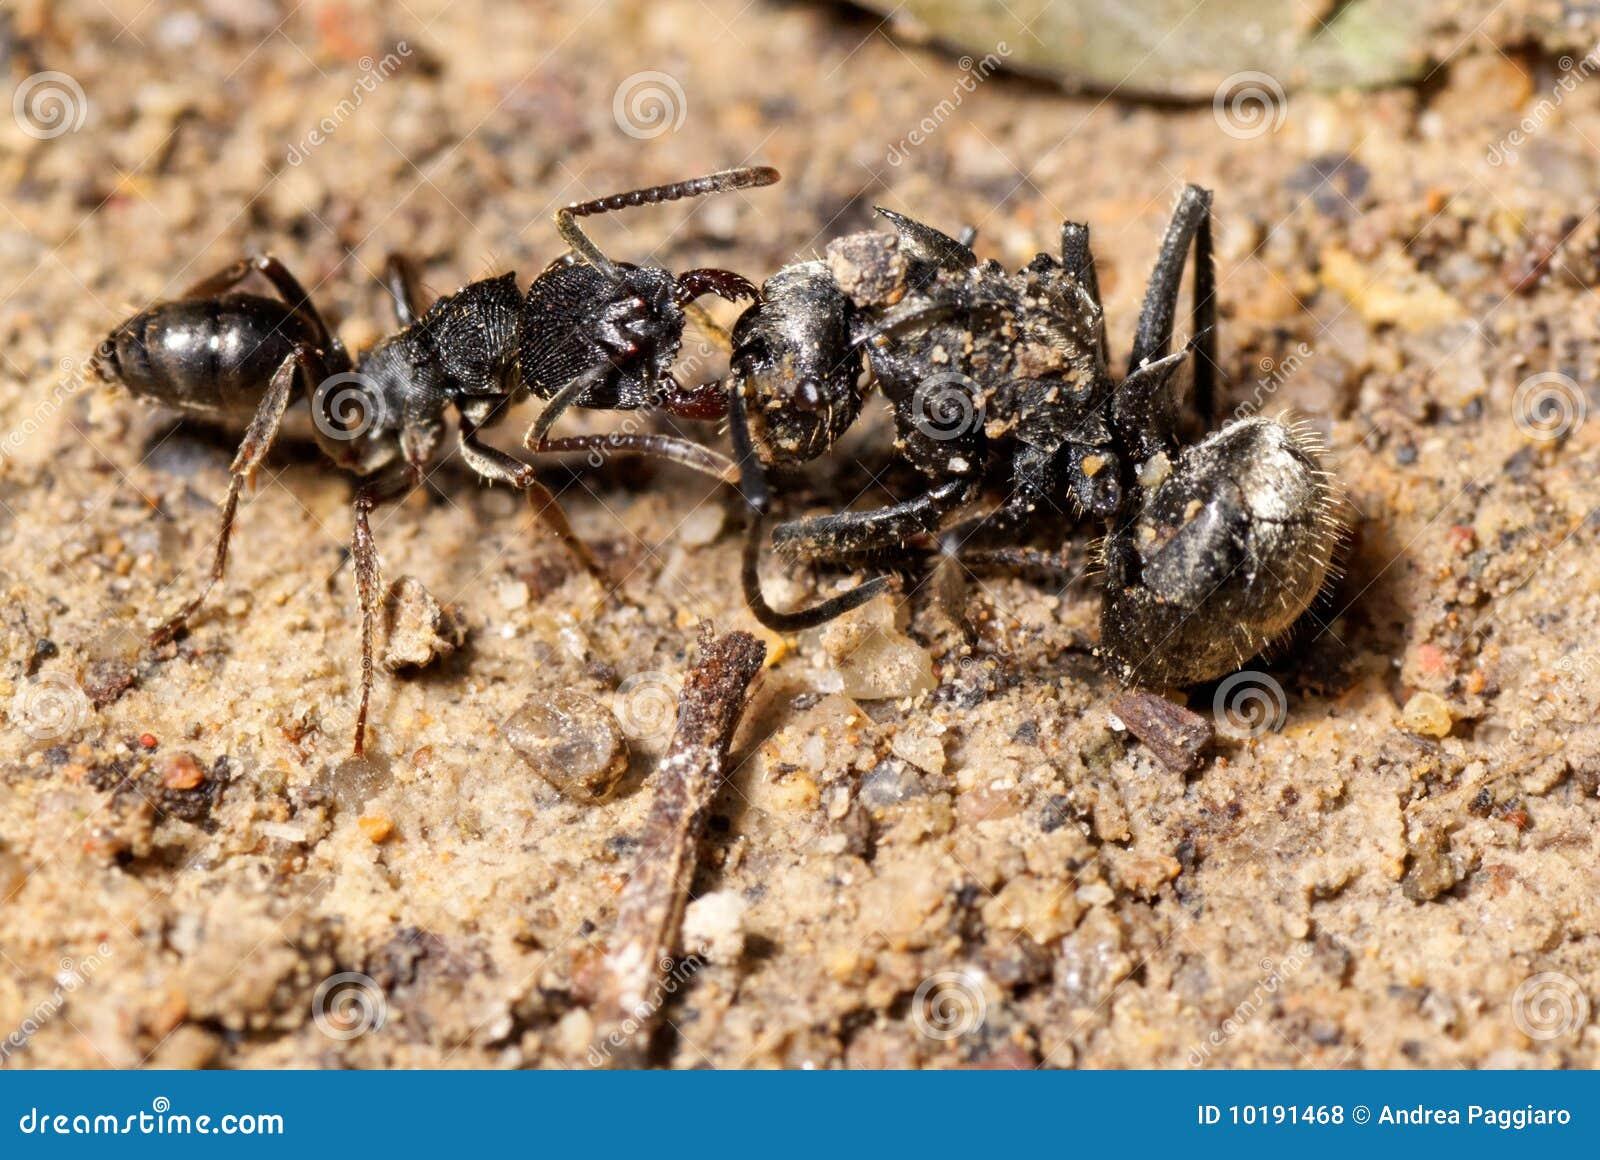 Araignée de attaque de fourmi